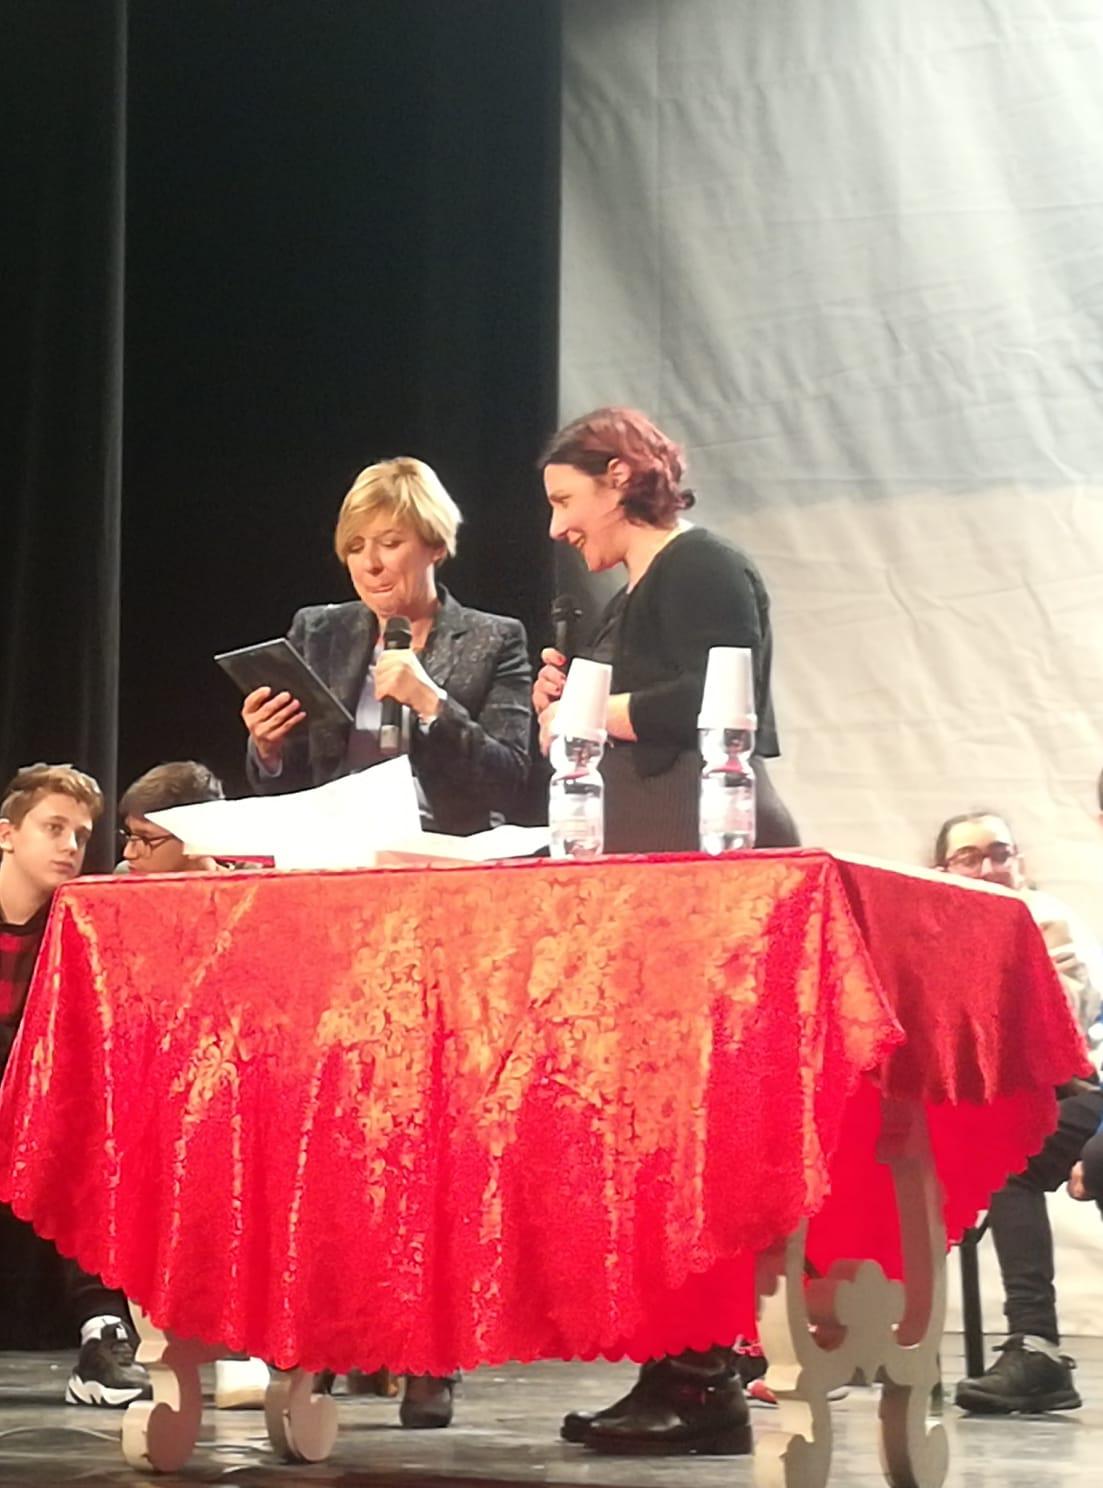 Fiammetta Borsellino a Genova per un progetto voluto dall'insegnante gratterese Crisanti